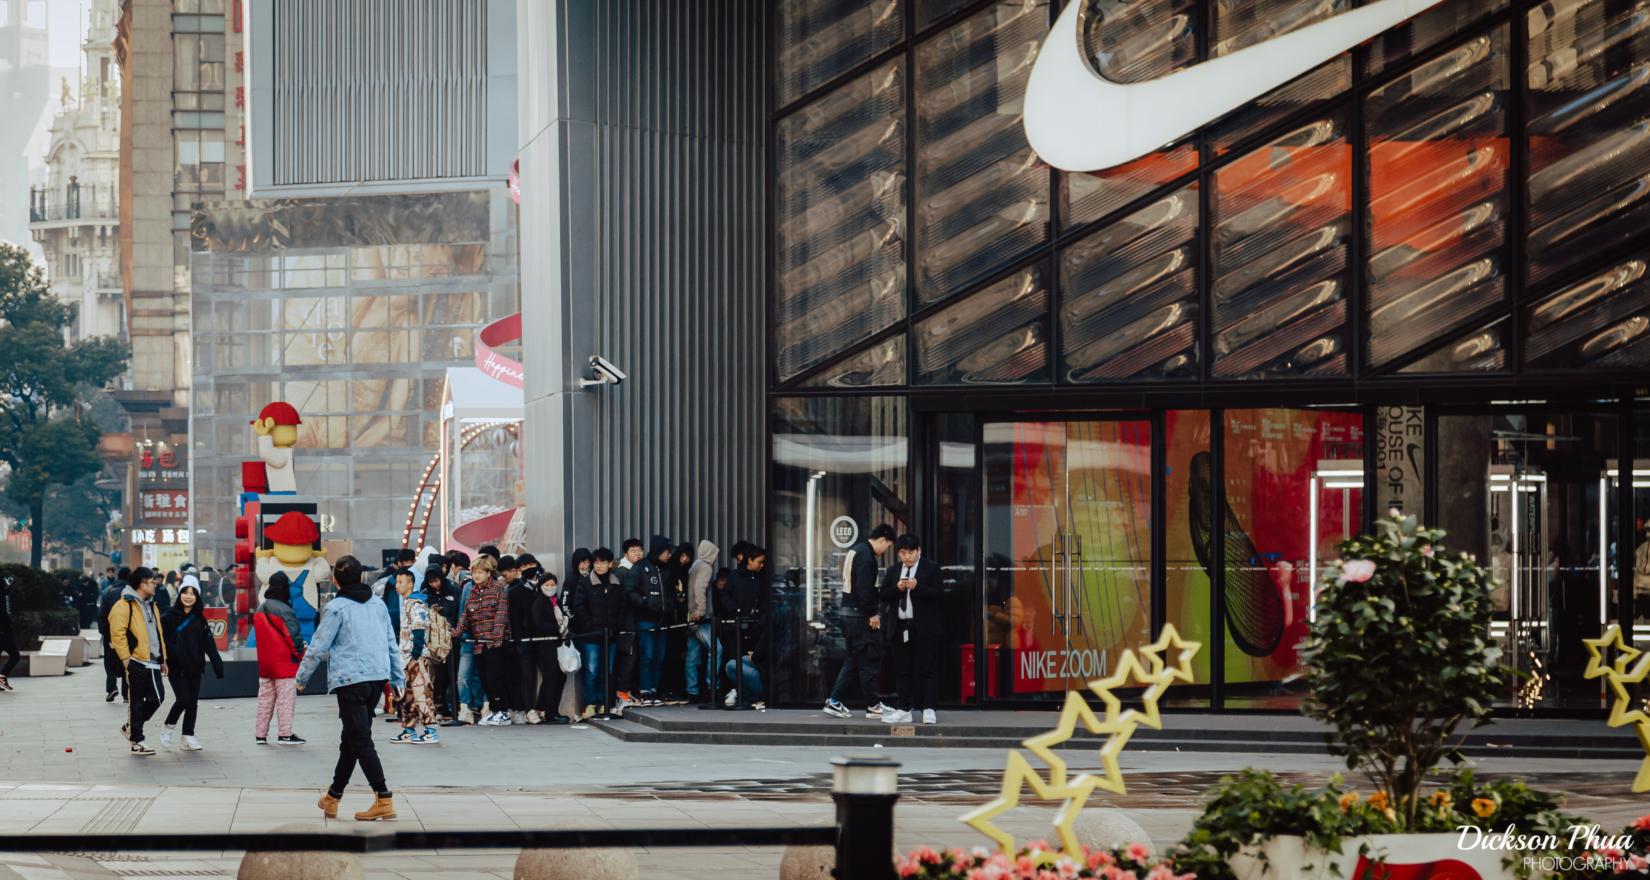 Người dân xếp hàng chờ đến lượt mua giày Nike. Trong 8 tháng tới, nhu cầu đối với các sản phẩm của hãng này sẽ vượt quá nguồn cung khả dụng. (Ảnh: gunman47/Flickr)